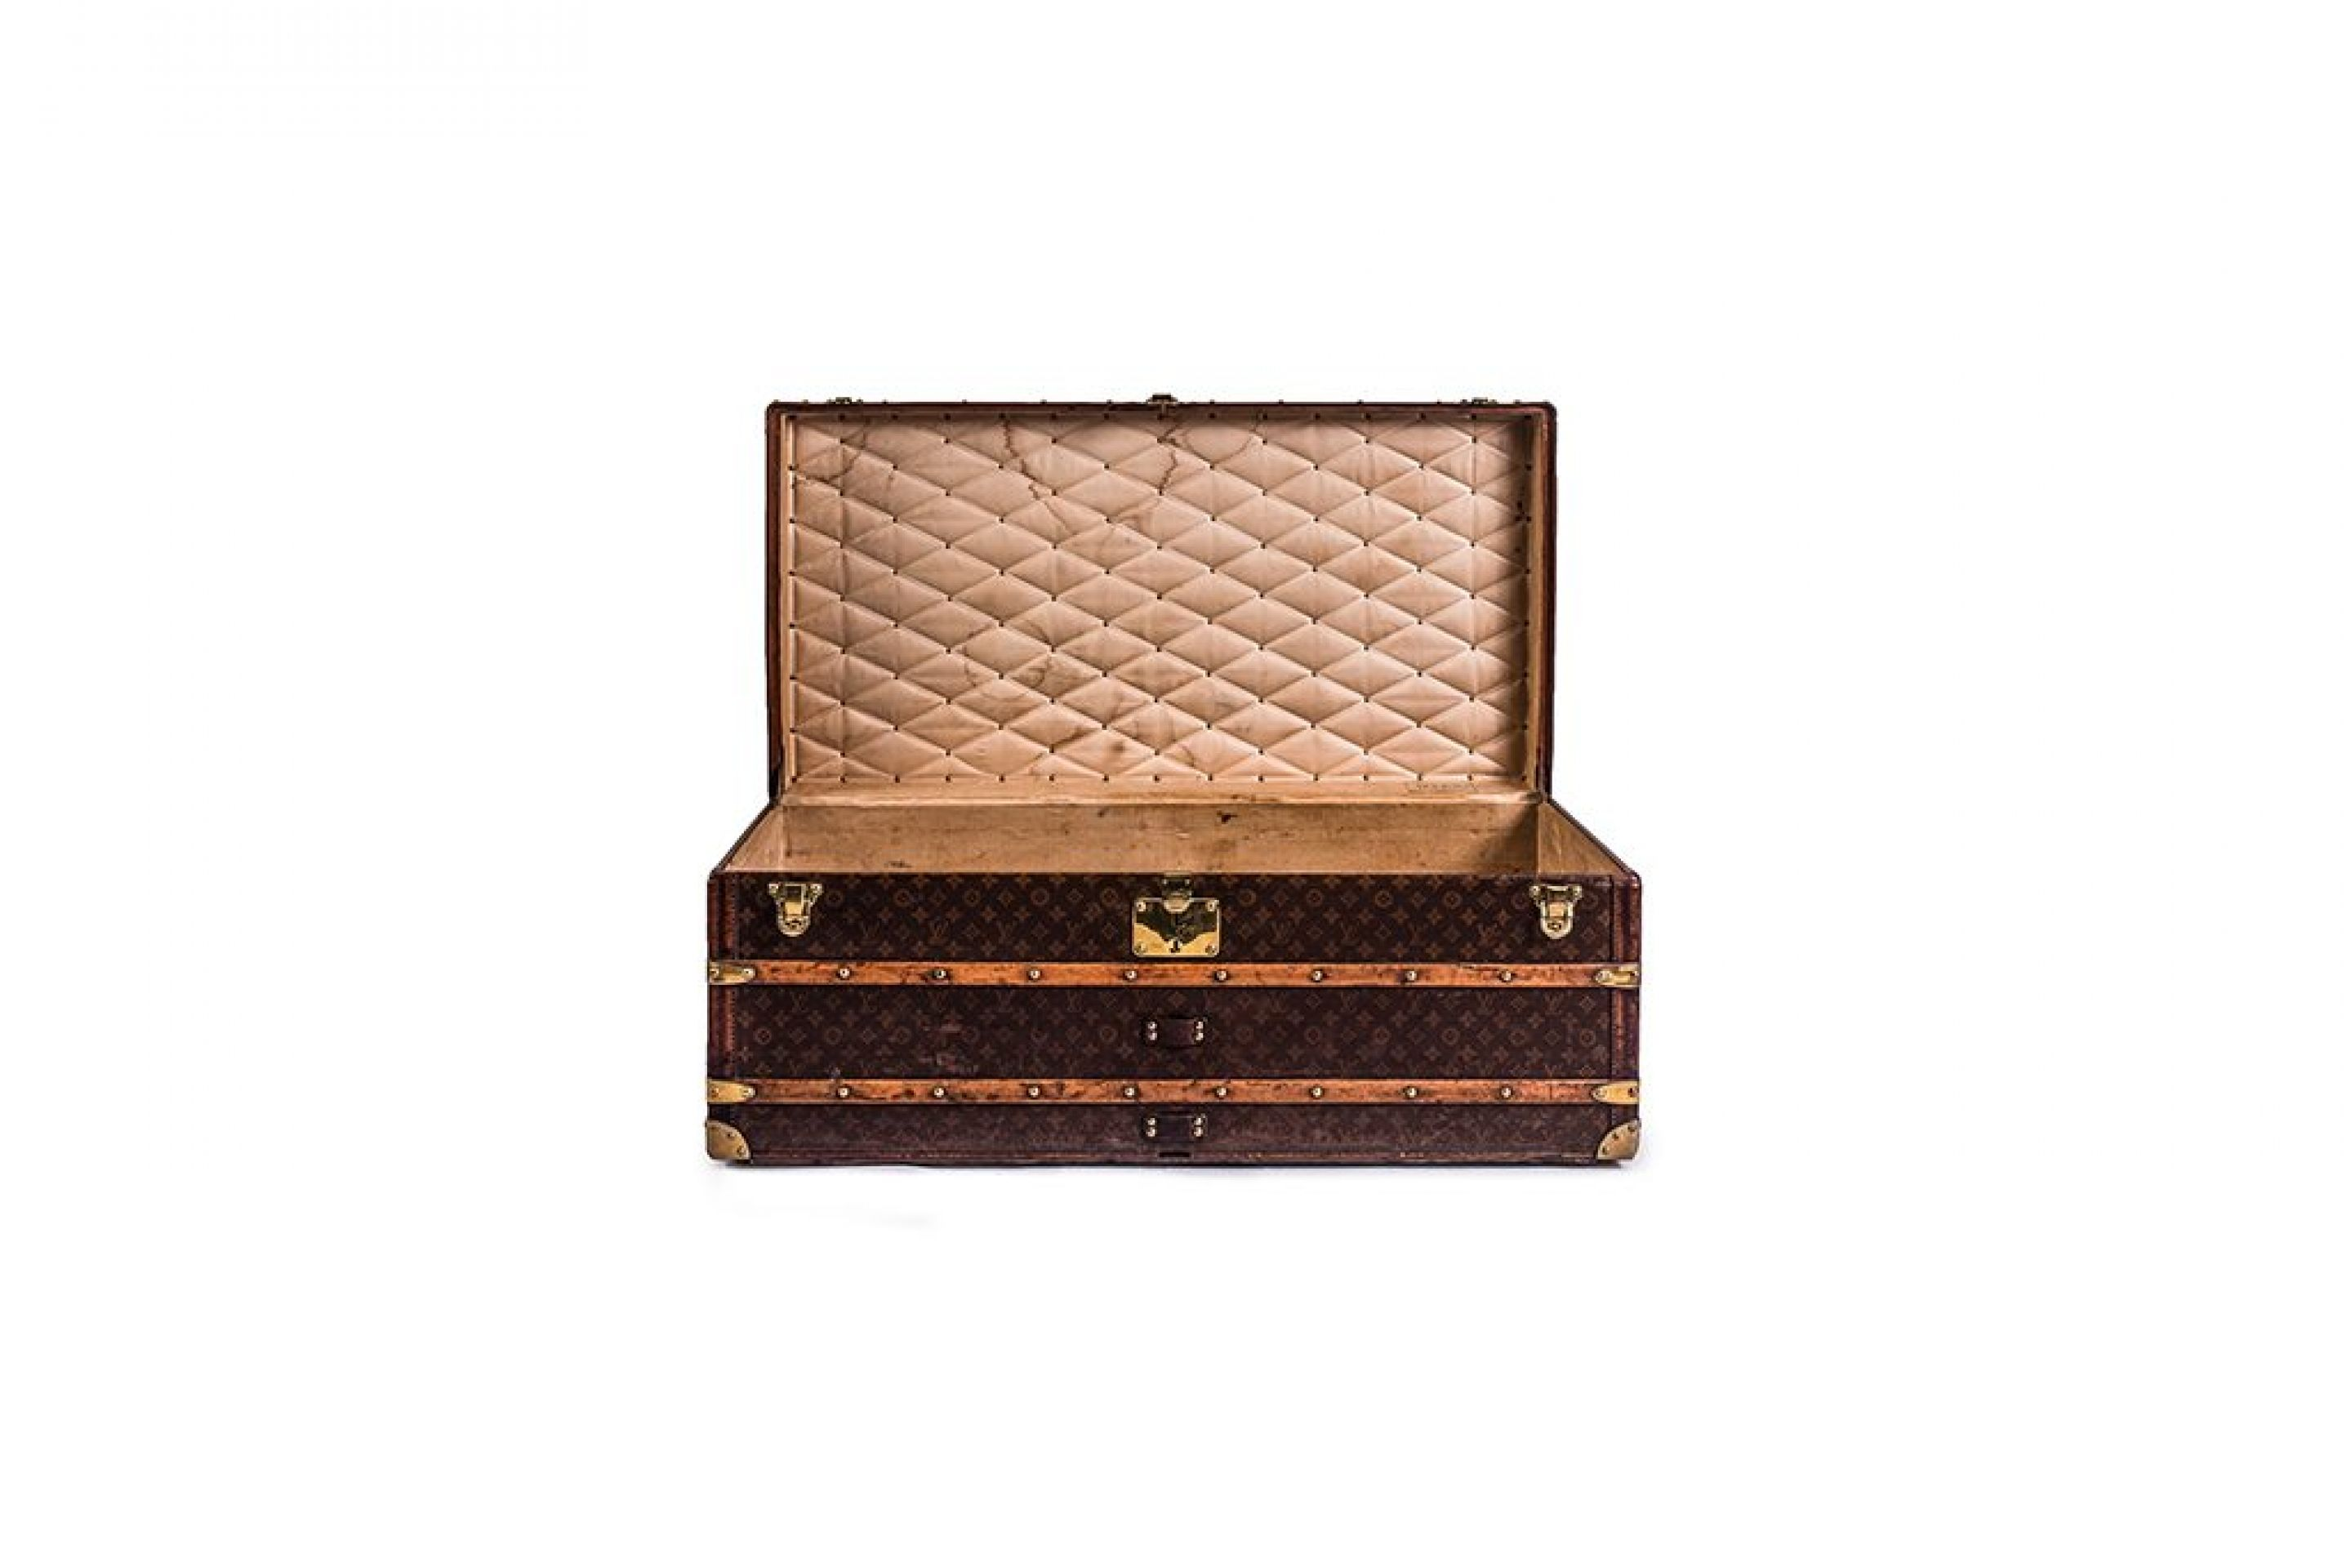 Louis Vuitton High Foot Locker Trunk